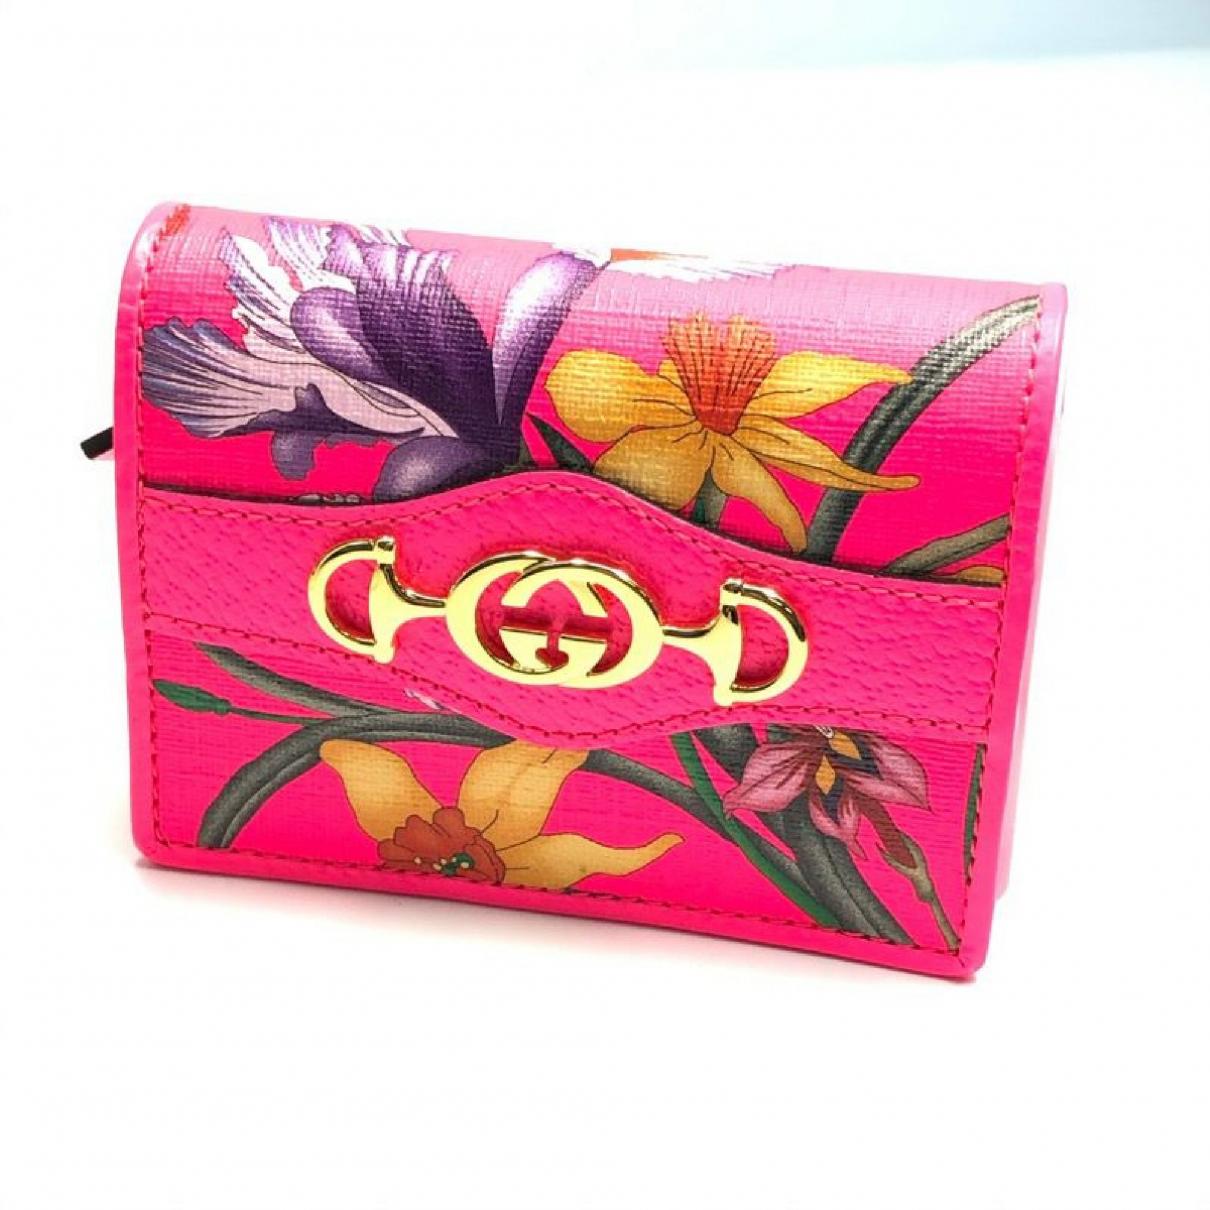 Gucci - Portefeuille   pour femme - rose